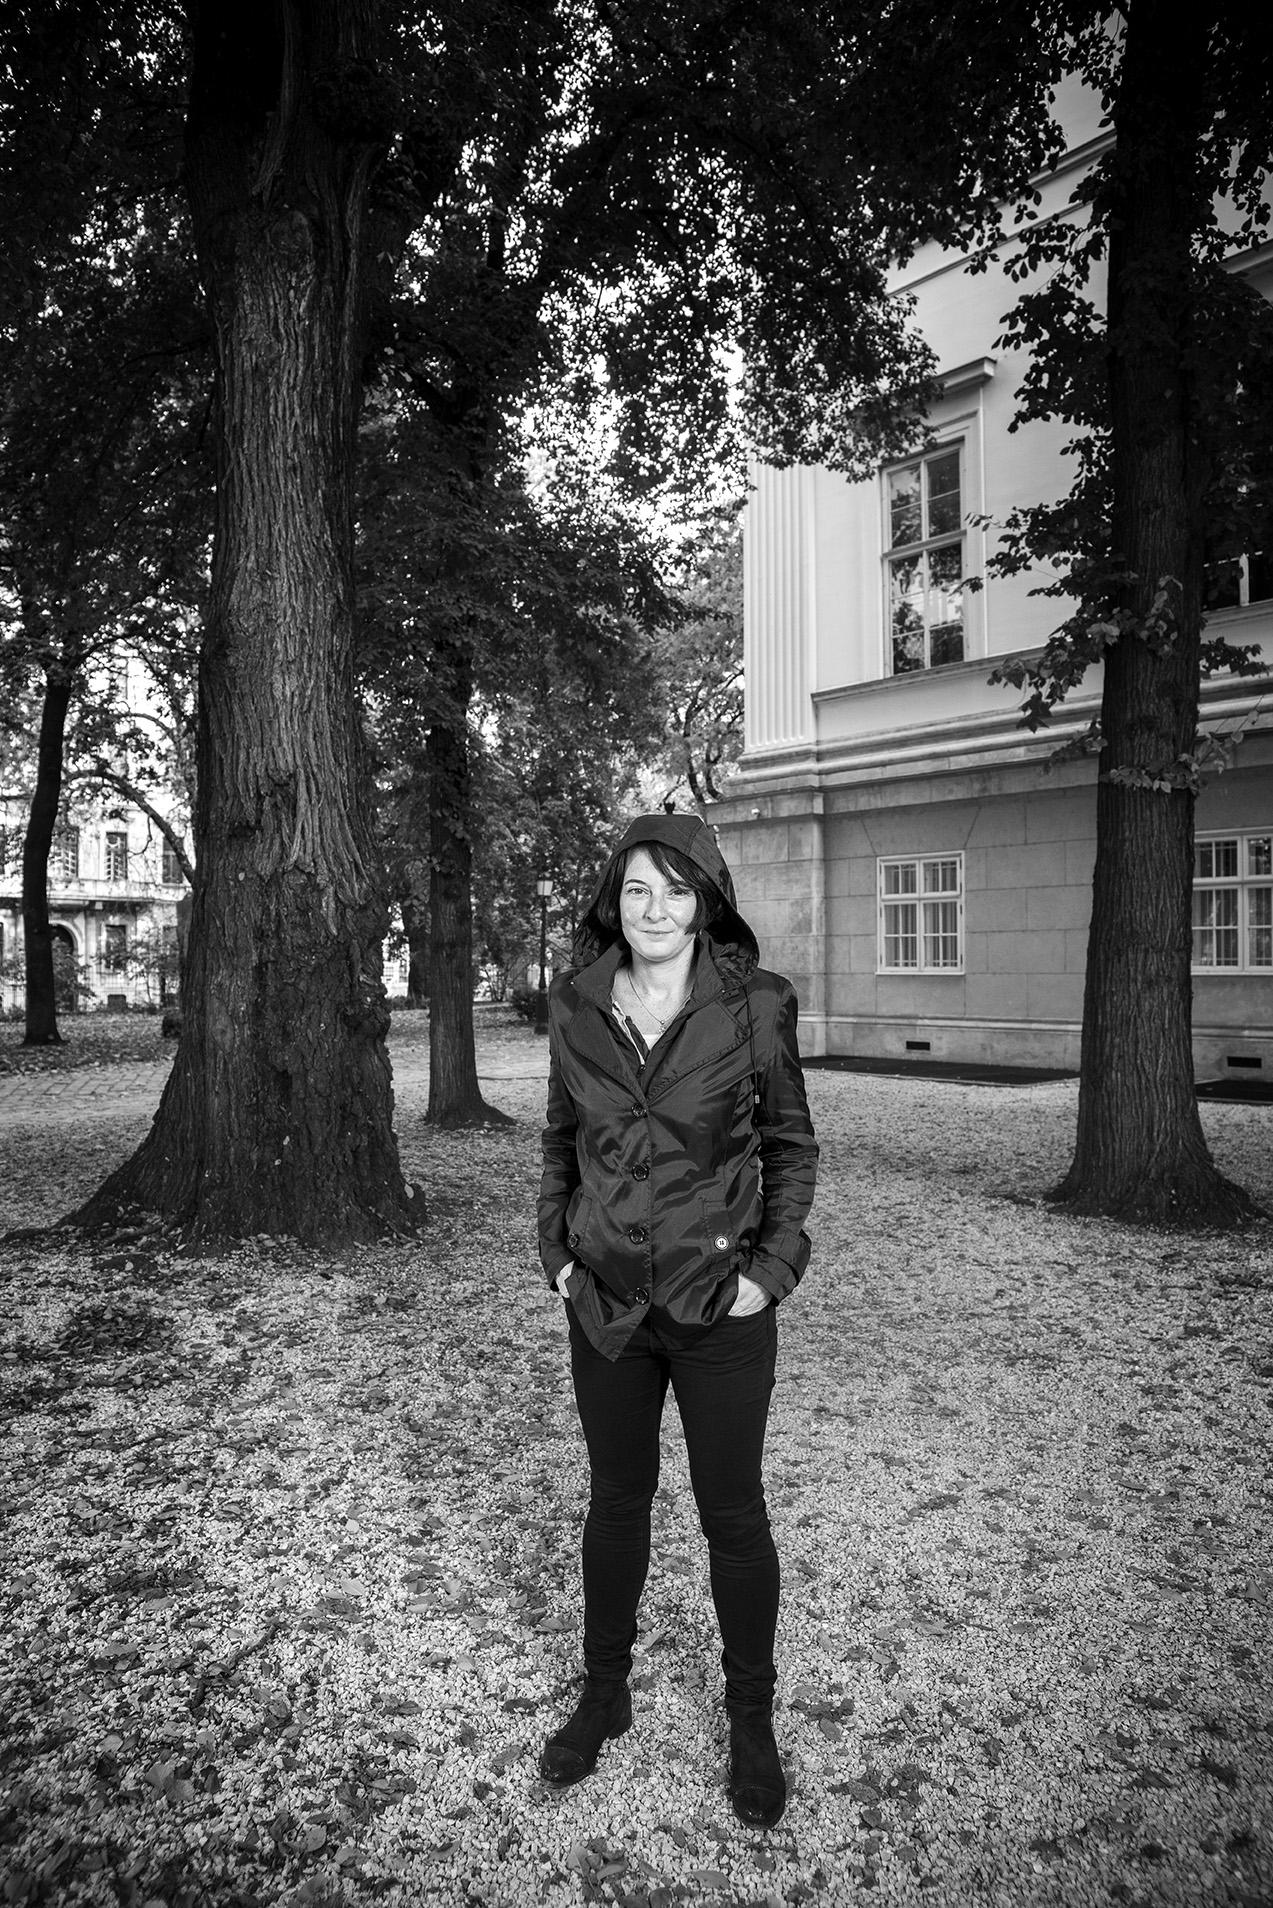 Németországban nagyon erősen le vannak fojtva az indulatok– Interjú a Magyar Nemzet Magazinban